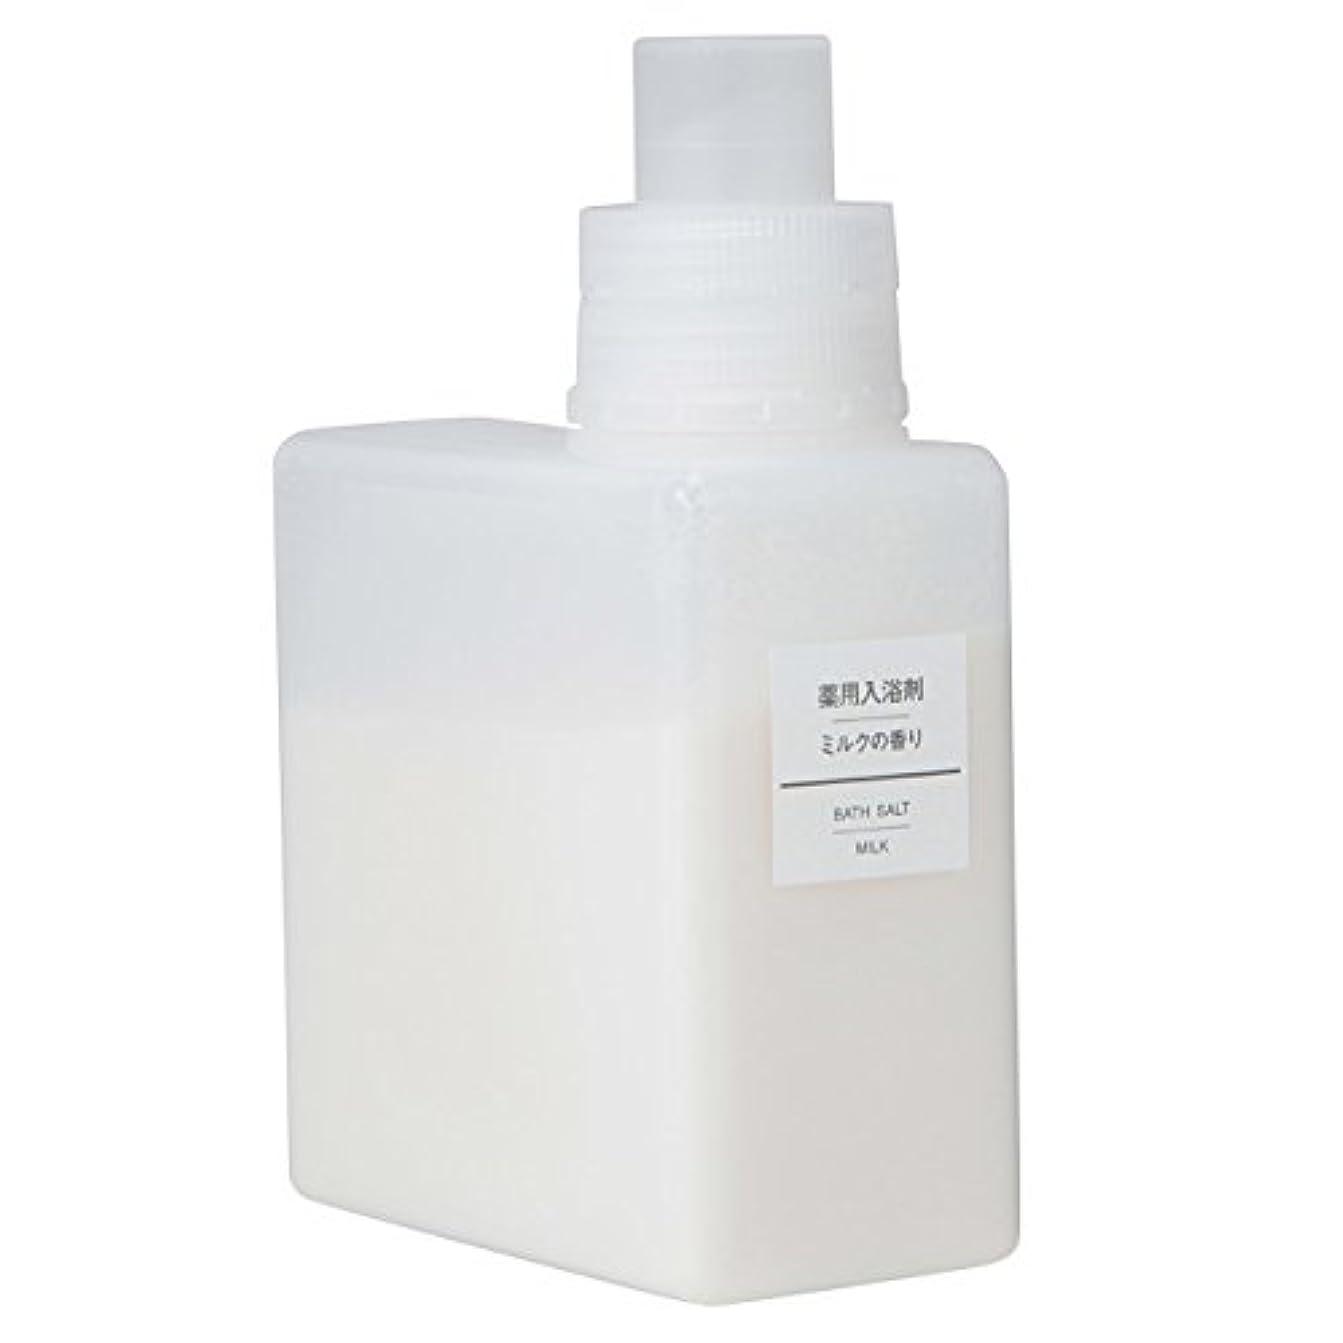 不測の事態致死川無印良品 薬用入浴剤?ミルクの香り (新)500g 日本製